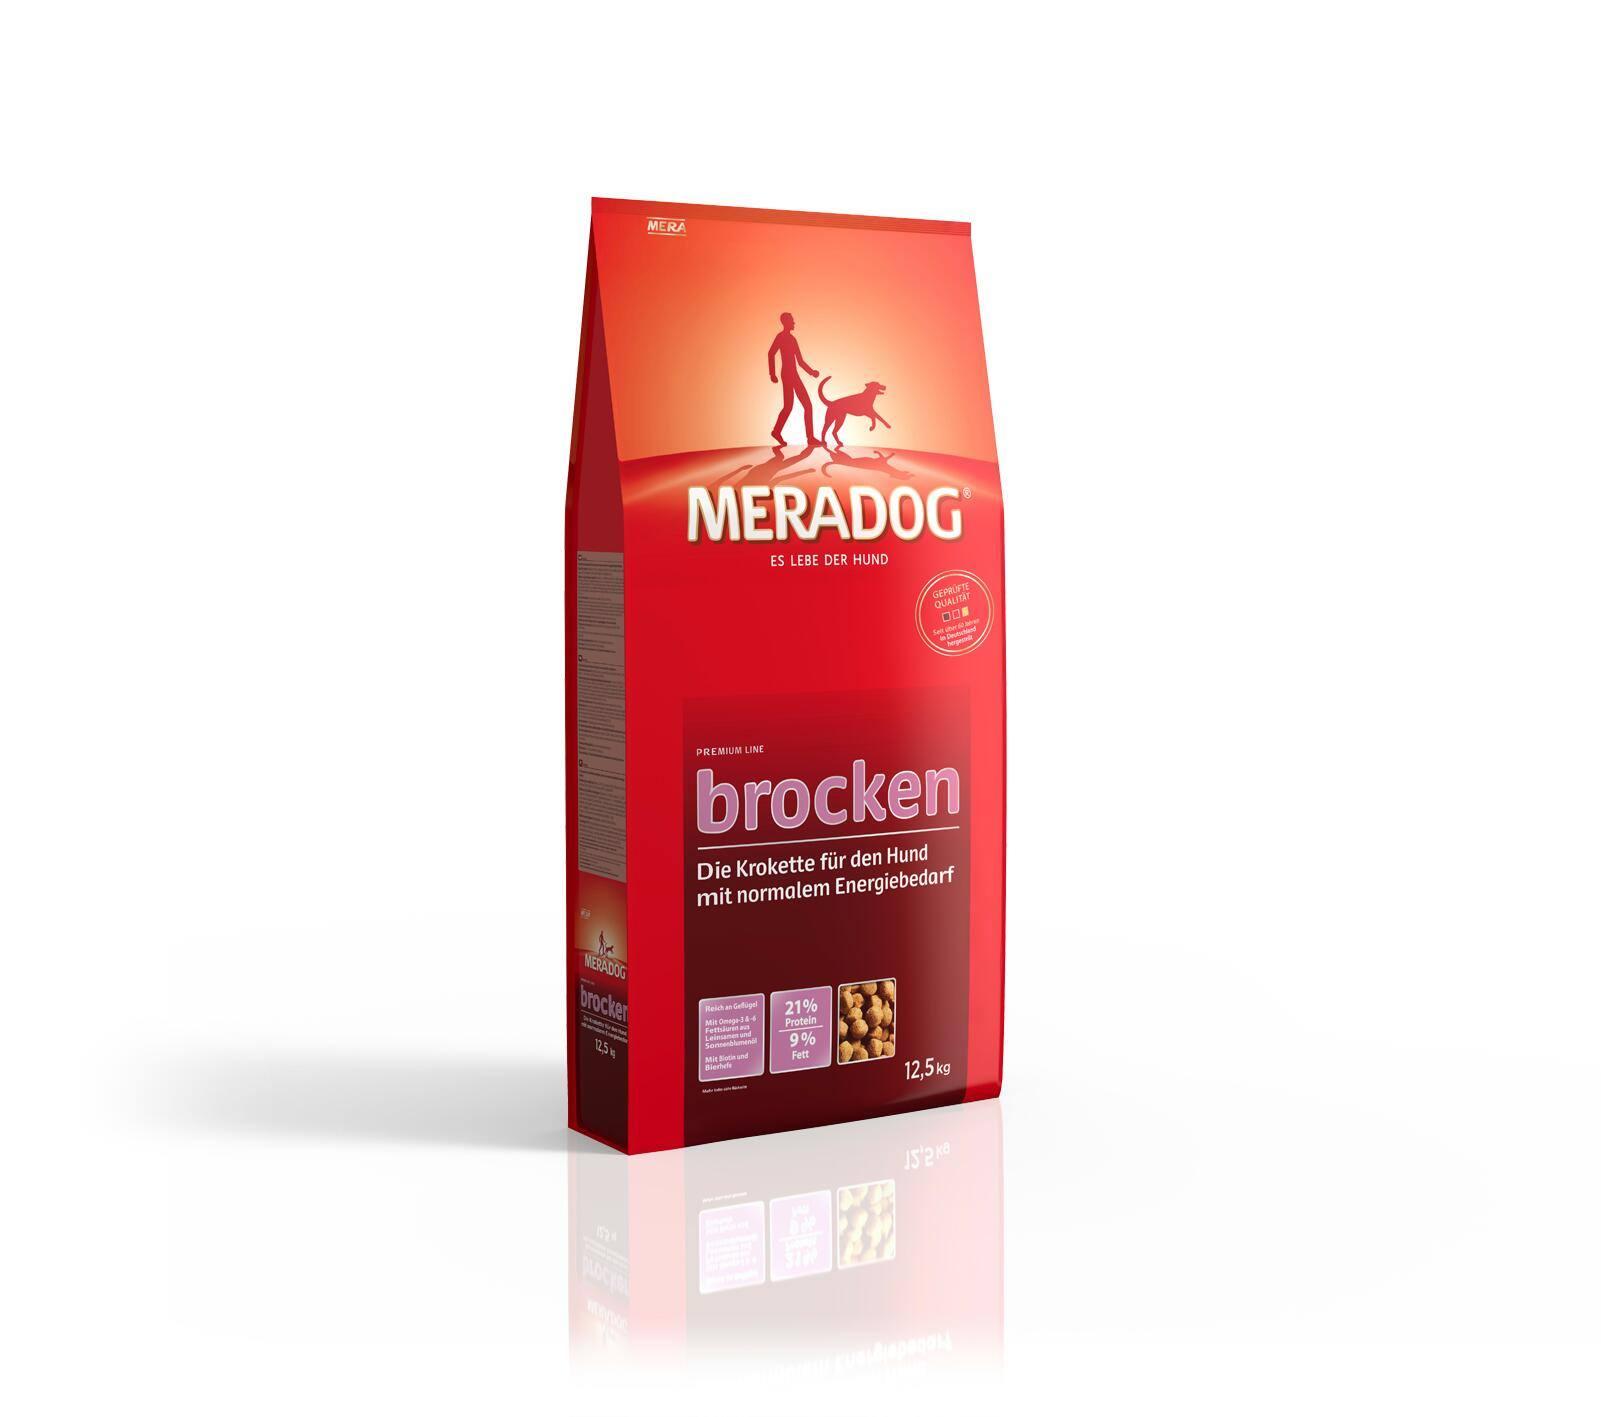 agrarking bietet meradog brocken 12 5 kg trockenfutter f r hunde. Black Bedroom Furniture Sets. Home Design Ideas